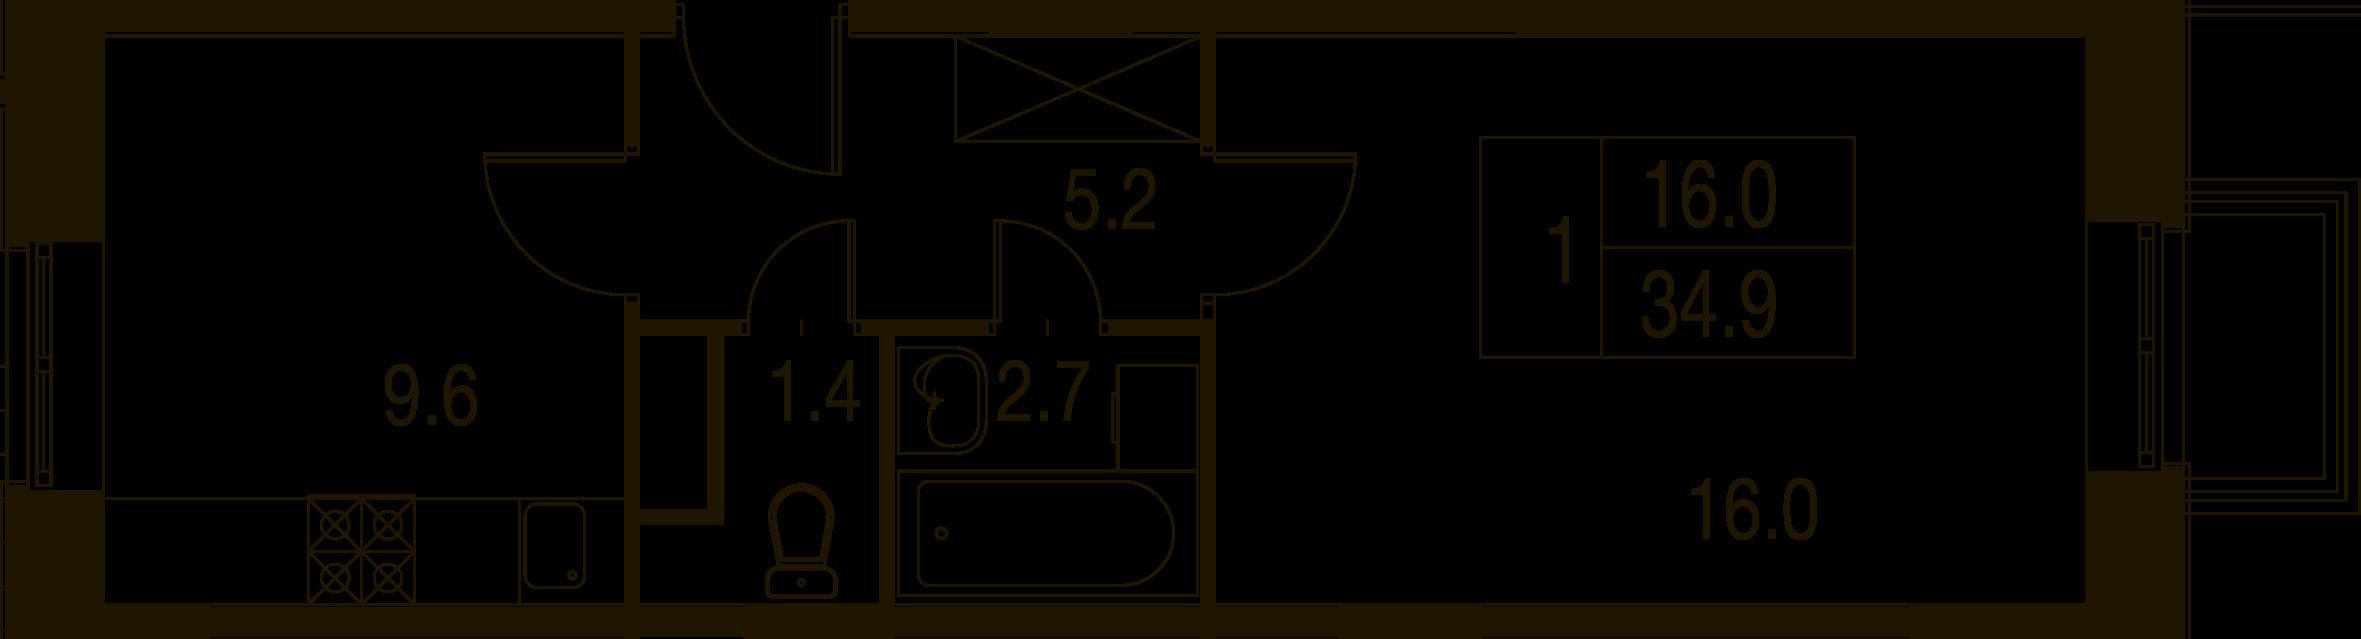 1-комнатная квартира в Митино О2, дом №7, квартира №07-041